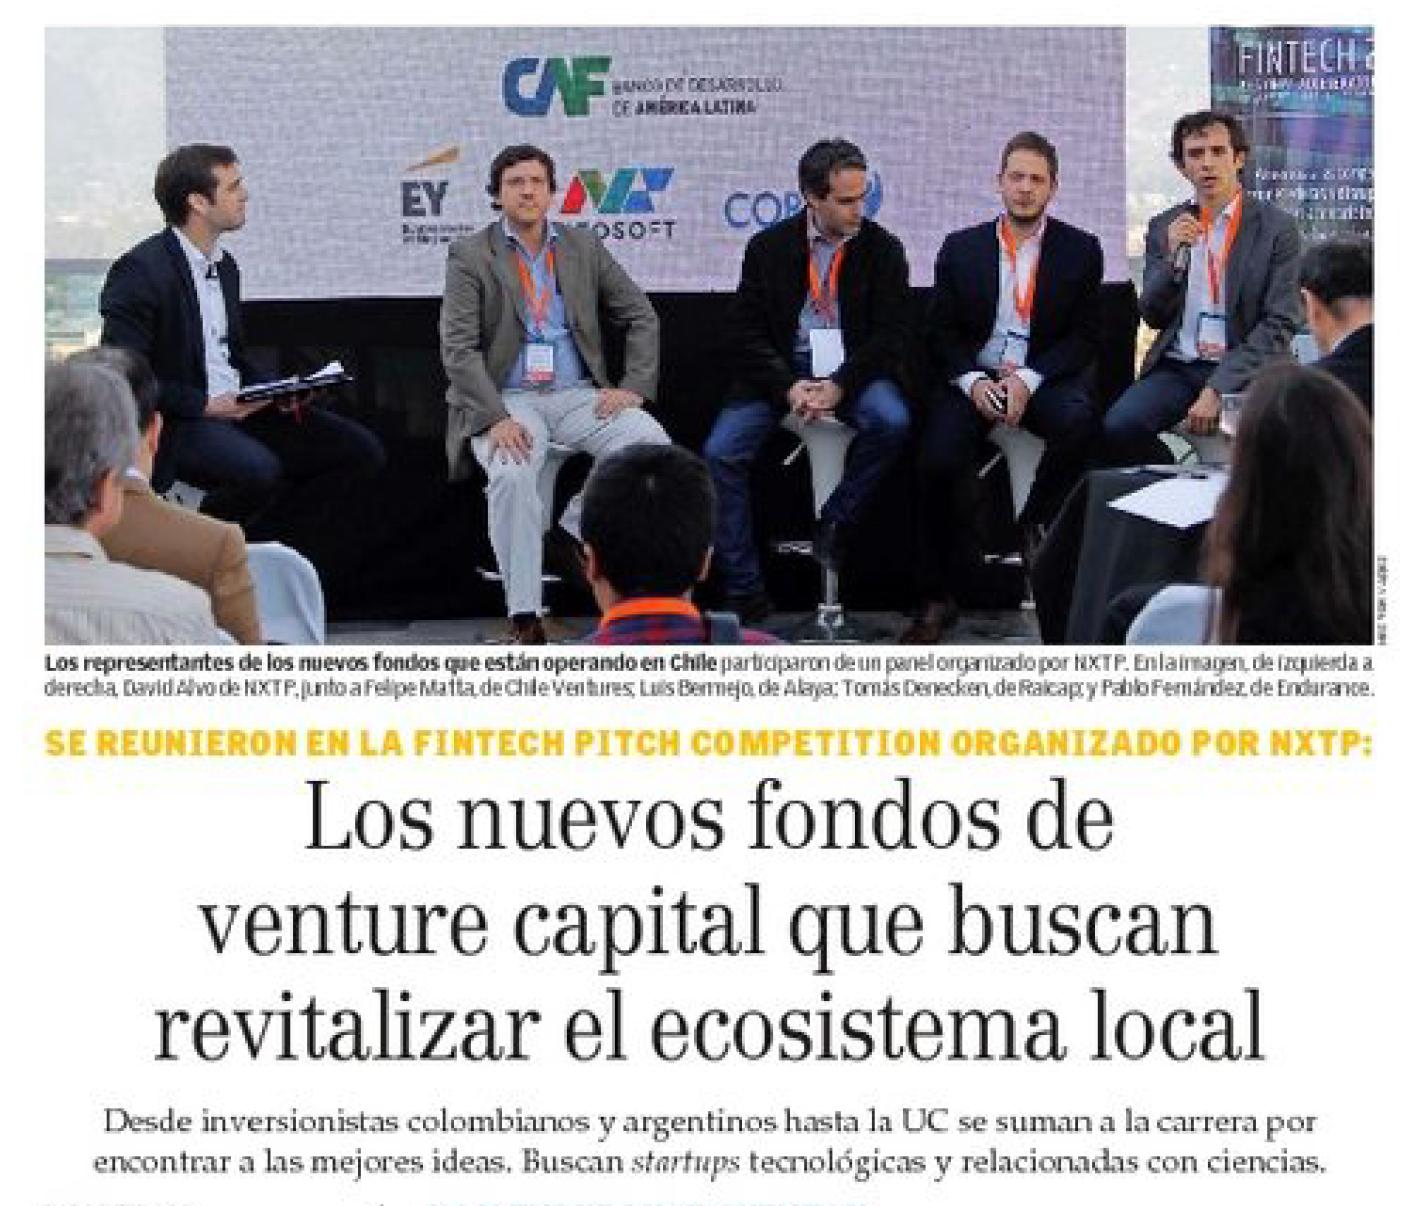 Los nuevos fondos de venture capital que buscan revitalizar el ecosistema local